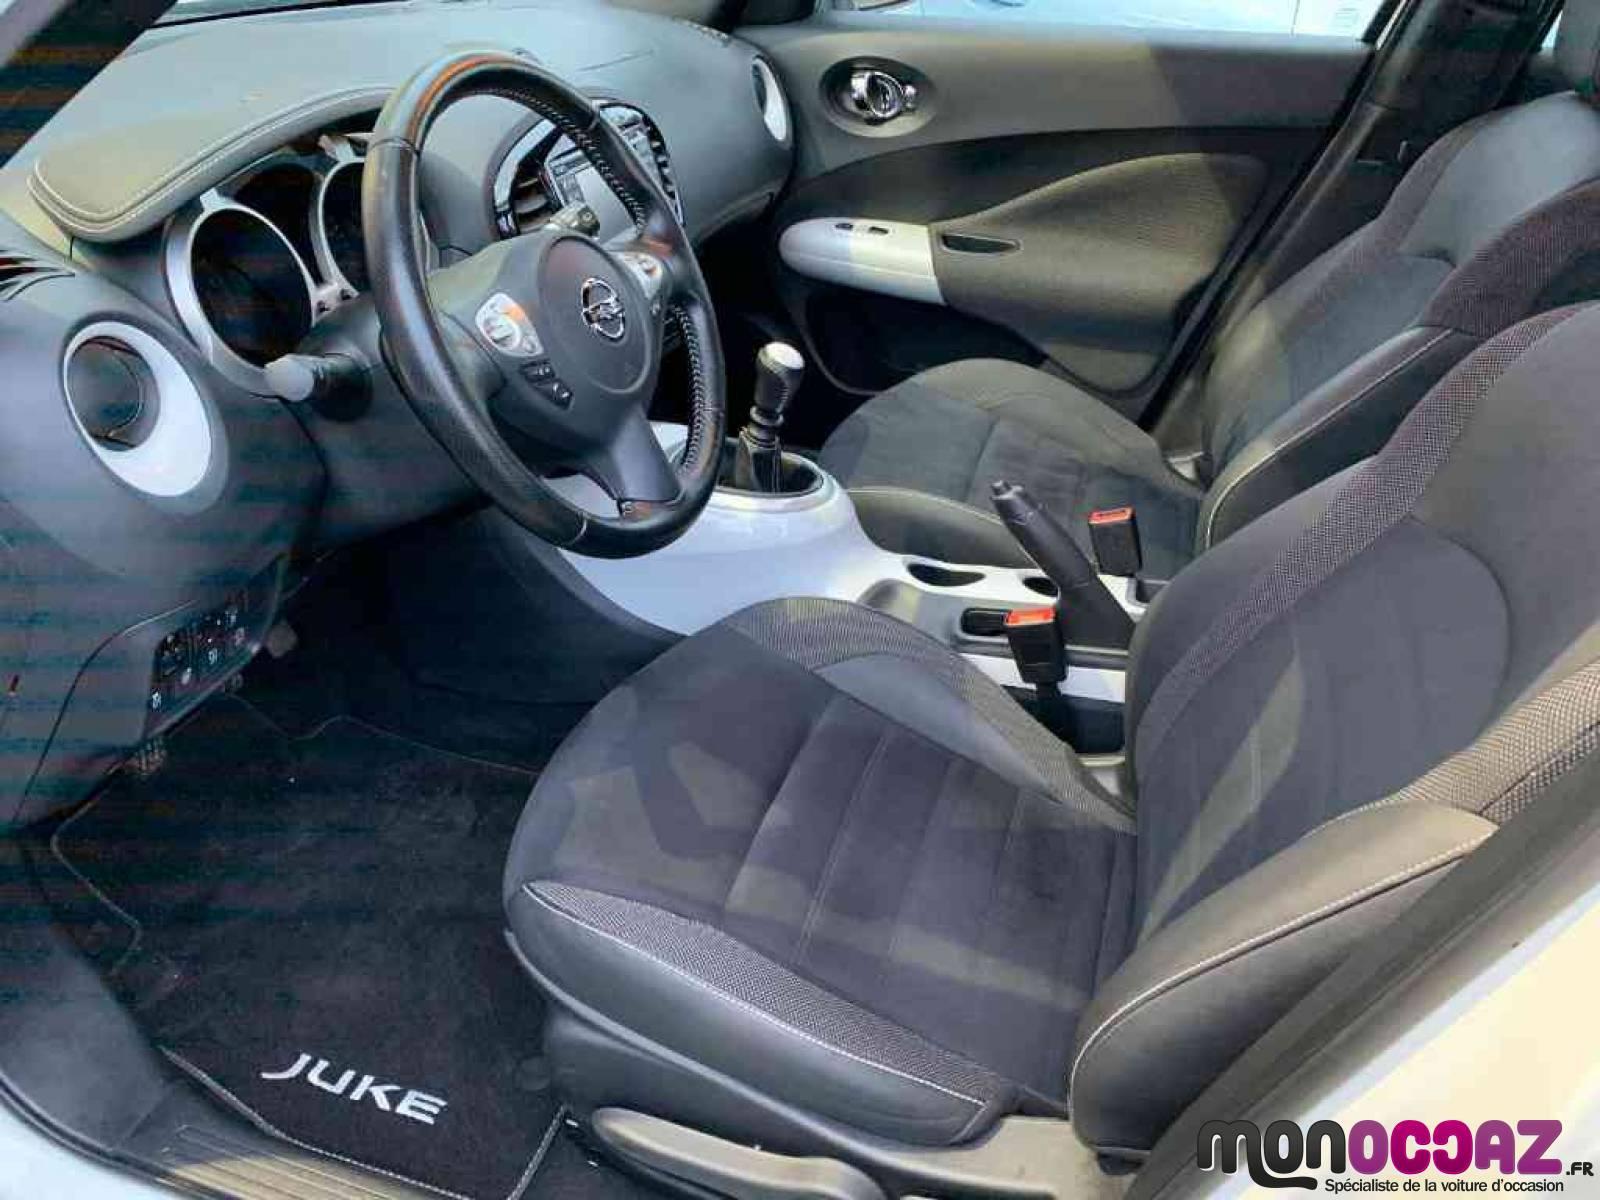 NISSAN Juke 1.5 dCi 110 FAP Start/Stop System - véhicule d'occasion - MonOccaz.fr - MonOccaz.fr - 89140 - Pont-sur-Yonne - 6